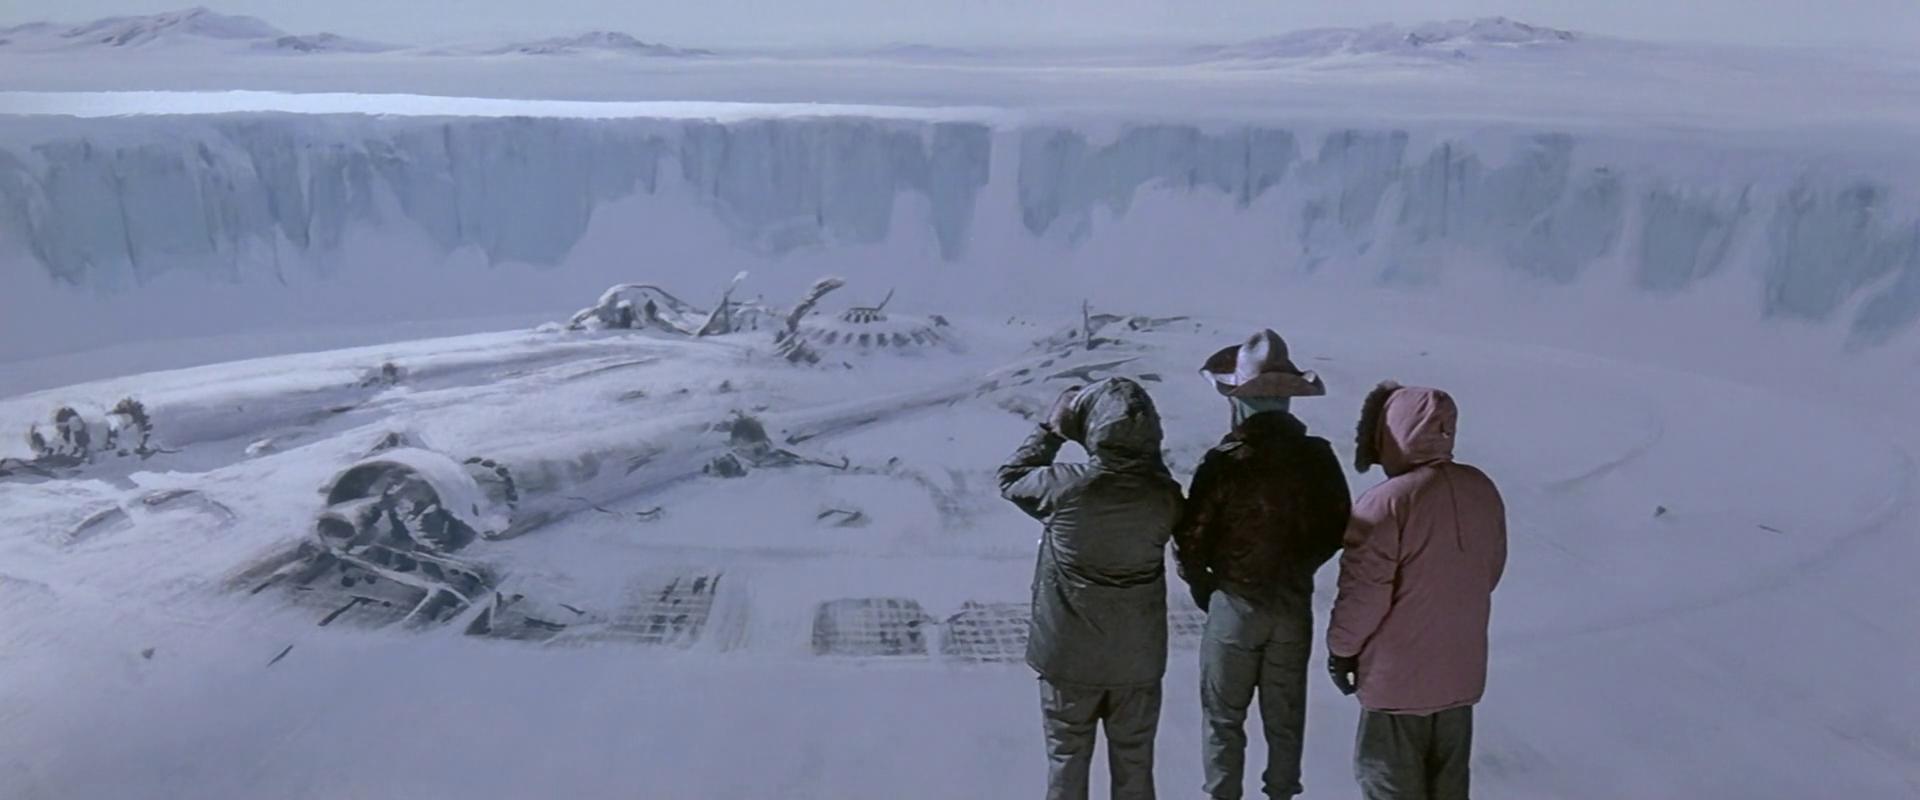 Et gigantisk romskip graves ut av den antarktiske isen i The Thing (1982).